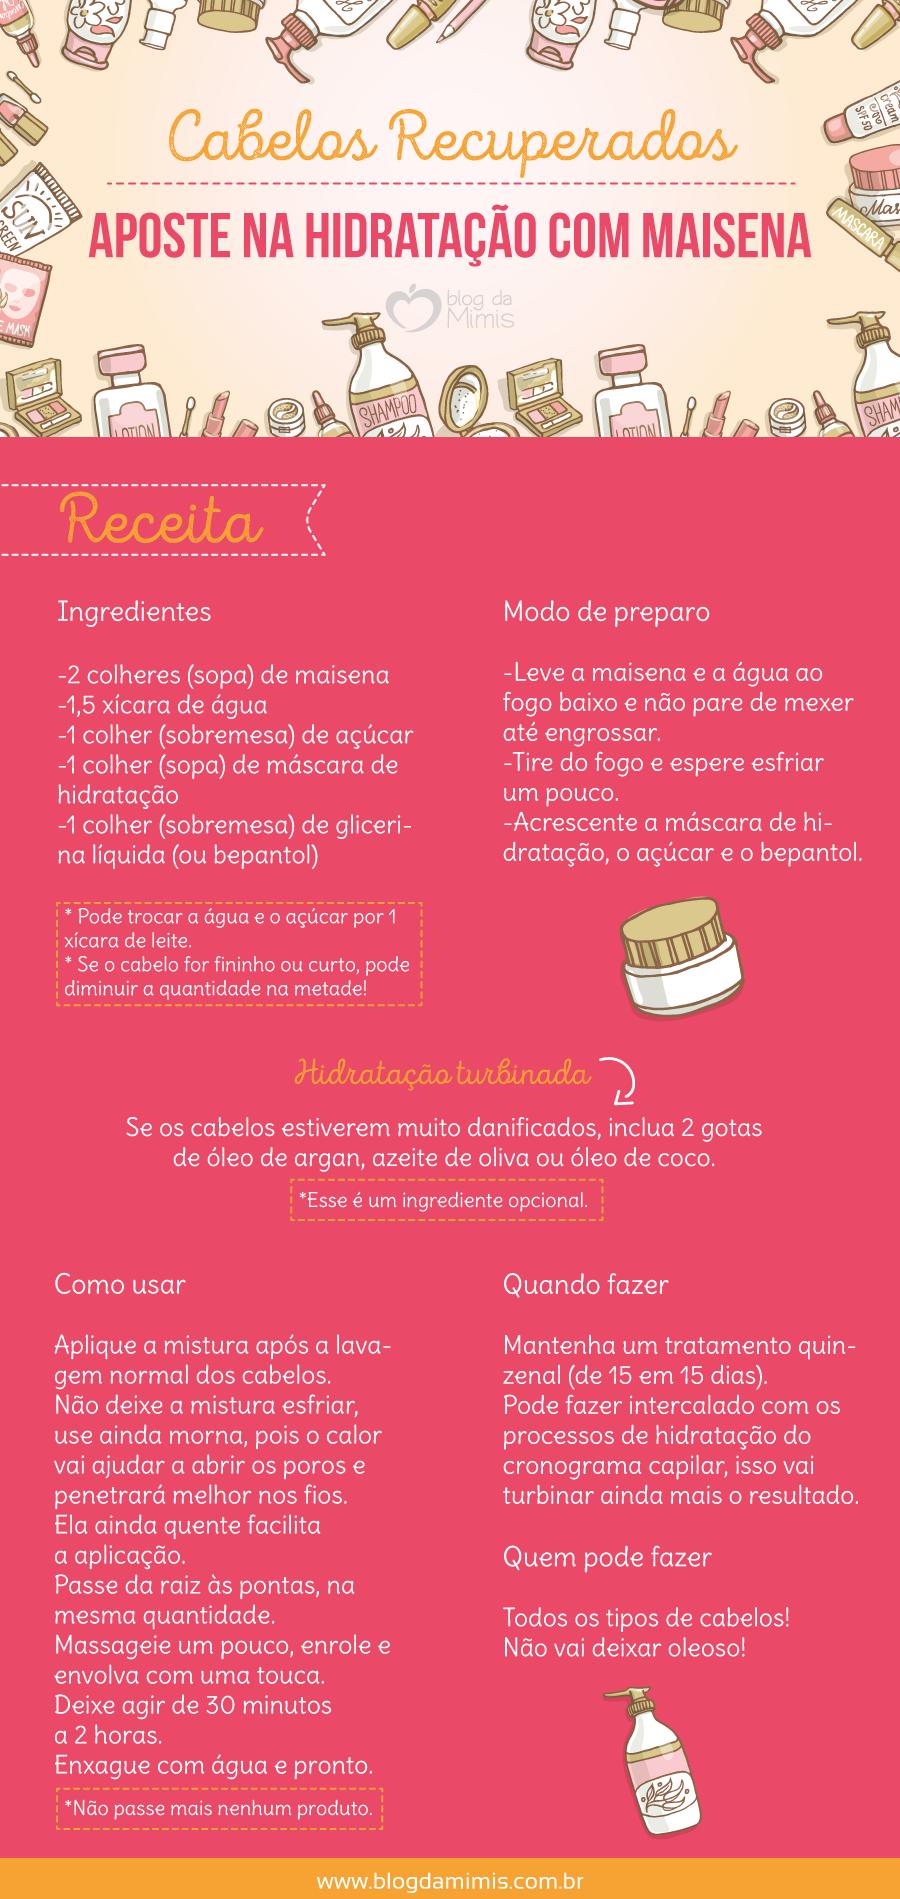 hidratação-com-maisena-blog-da-mimis-michelle-franzoni-post